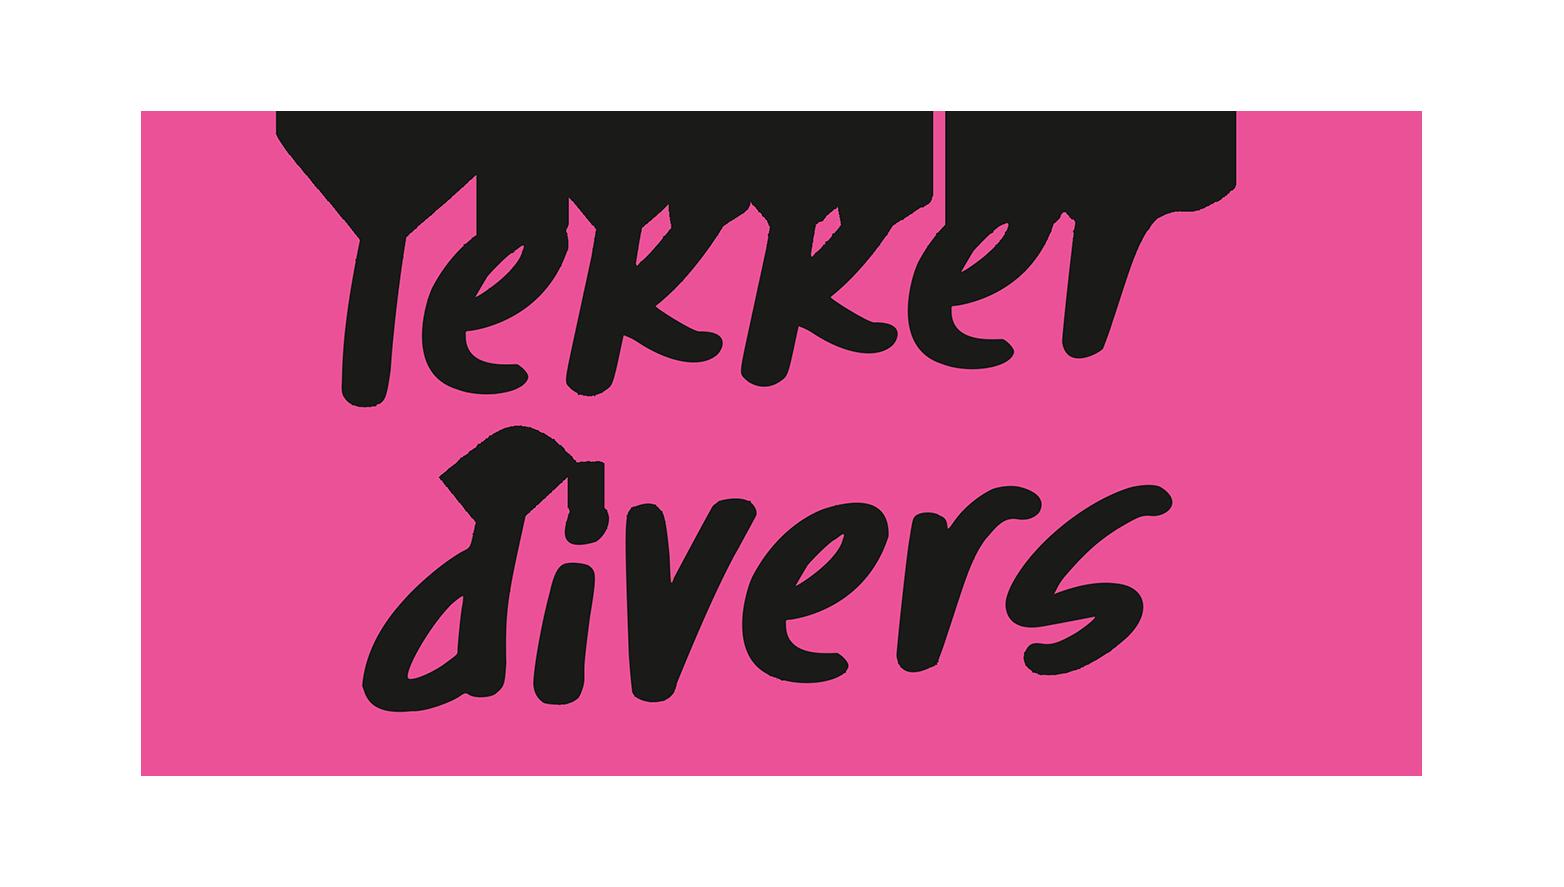 logo_Lekker-Divers-5